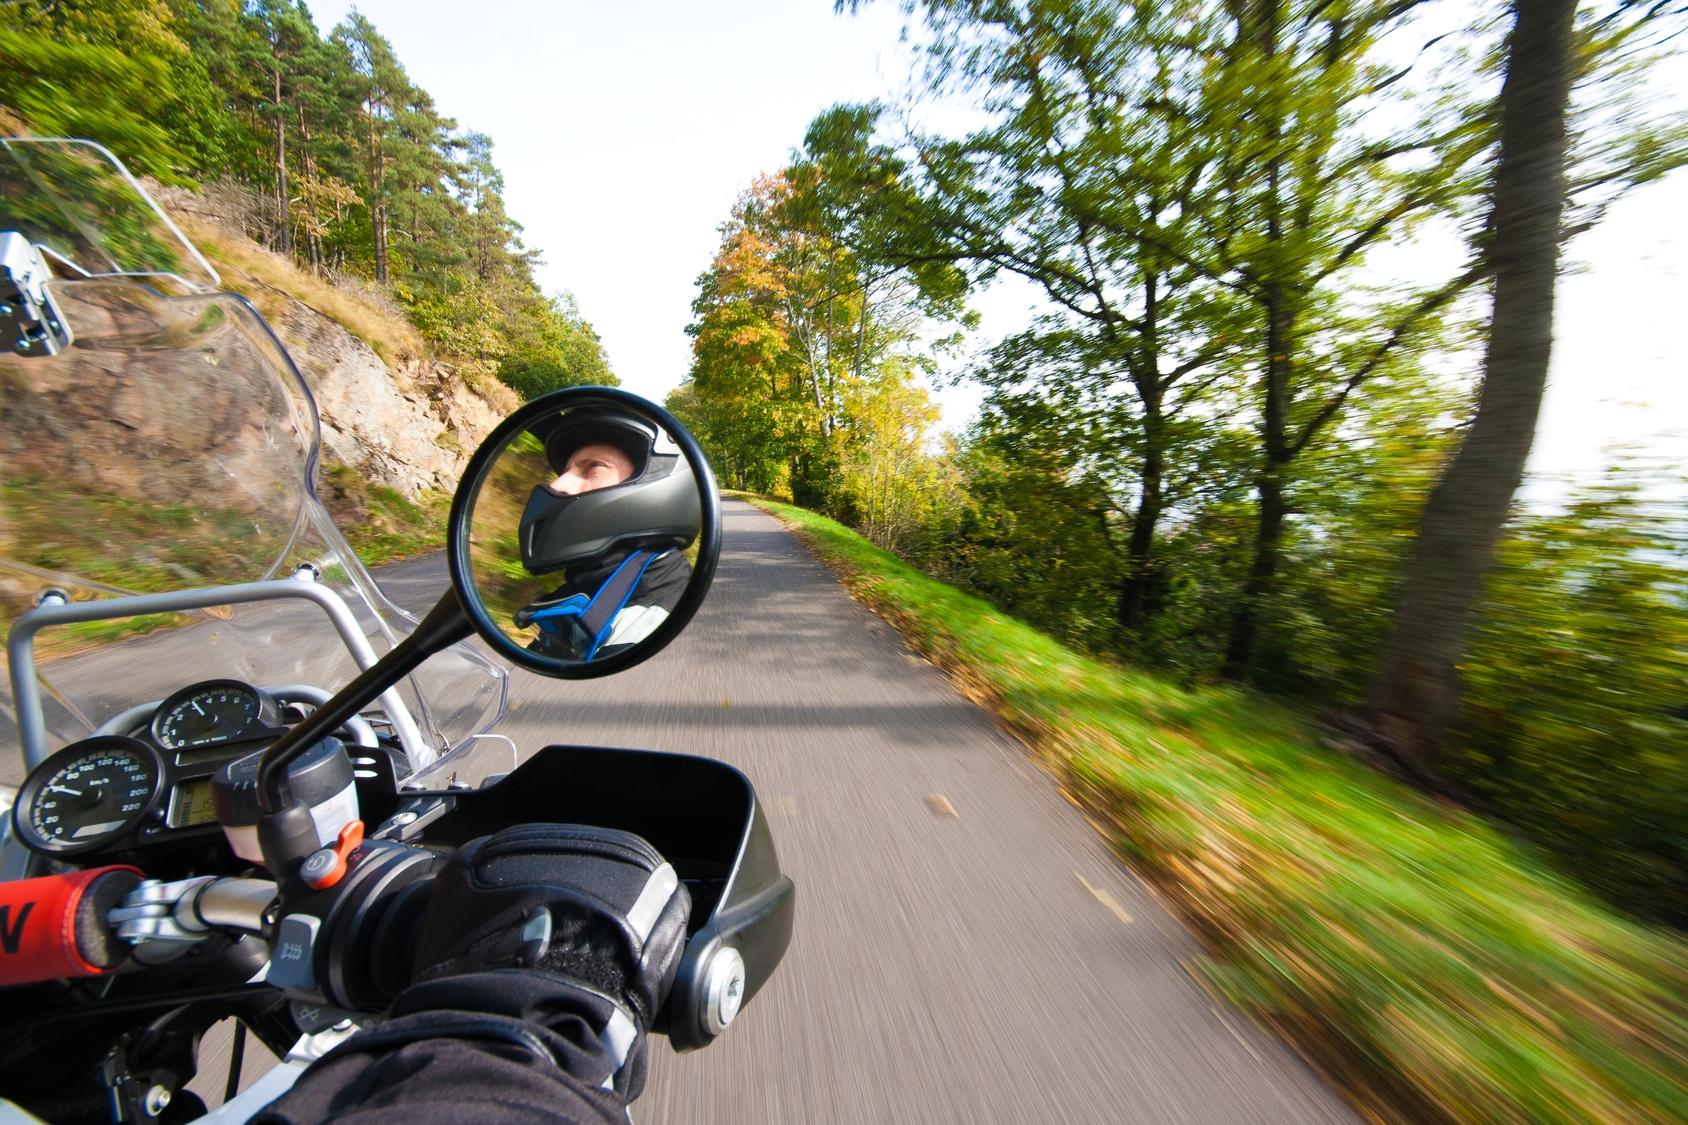 Profitez des plus belles routes avec votre moto